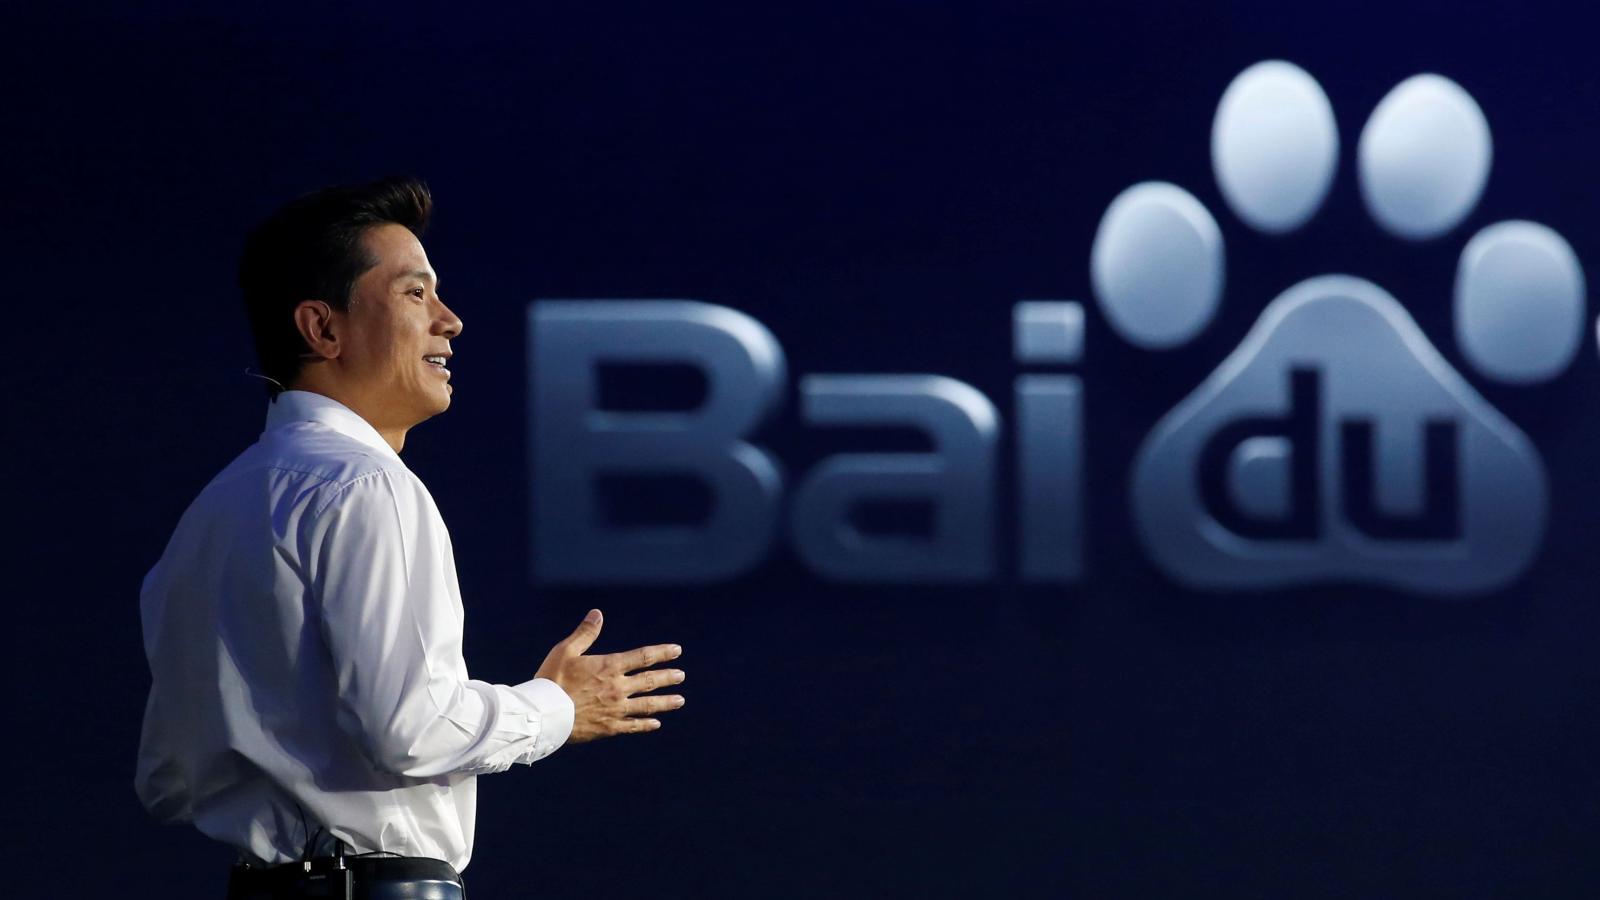 """Baidu là gì? Baidu có phải là """"Google của Trung Quốc""""?"""